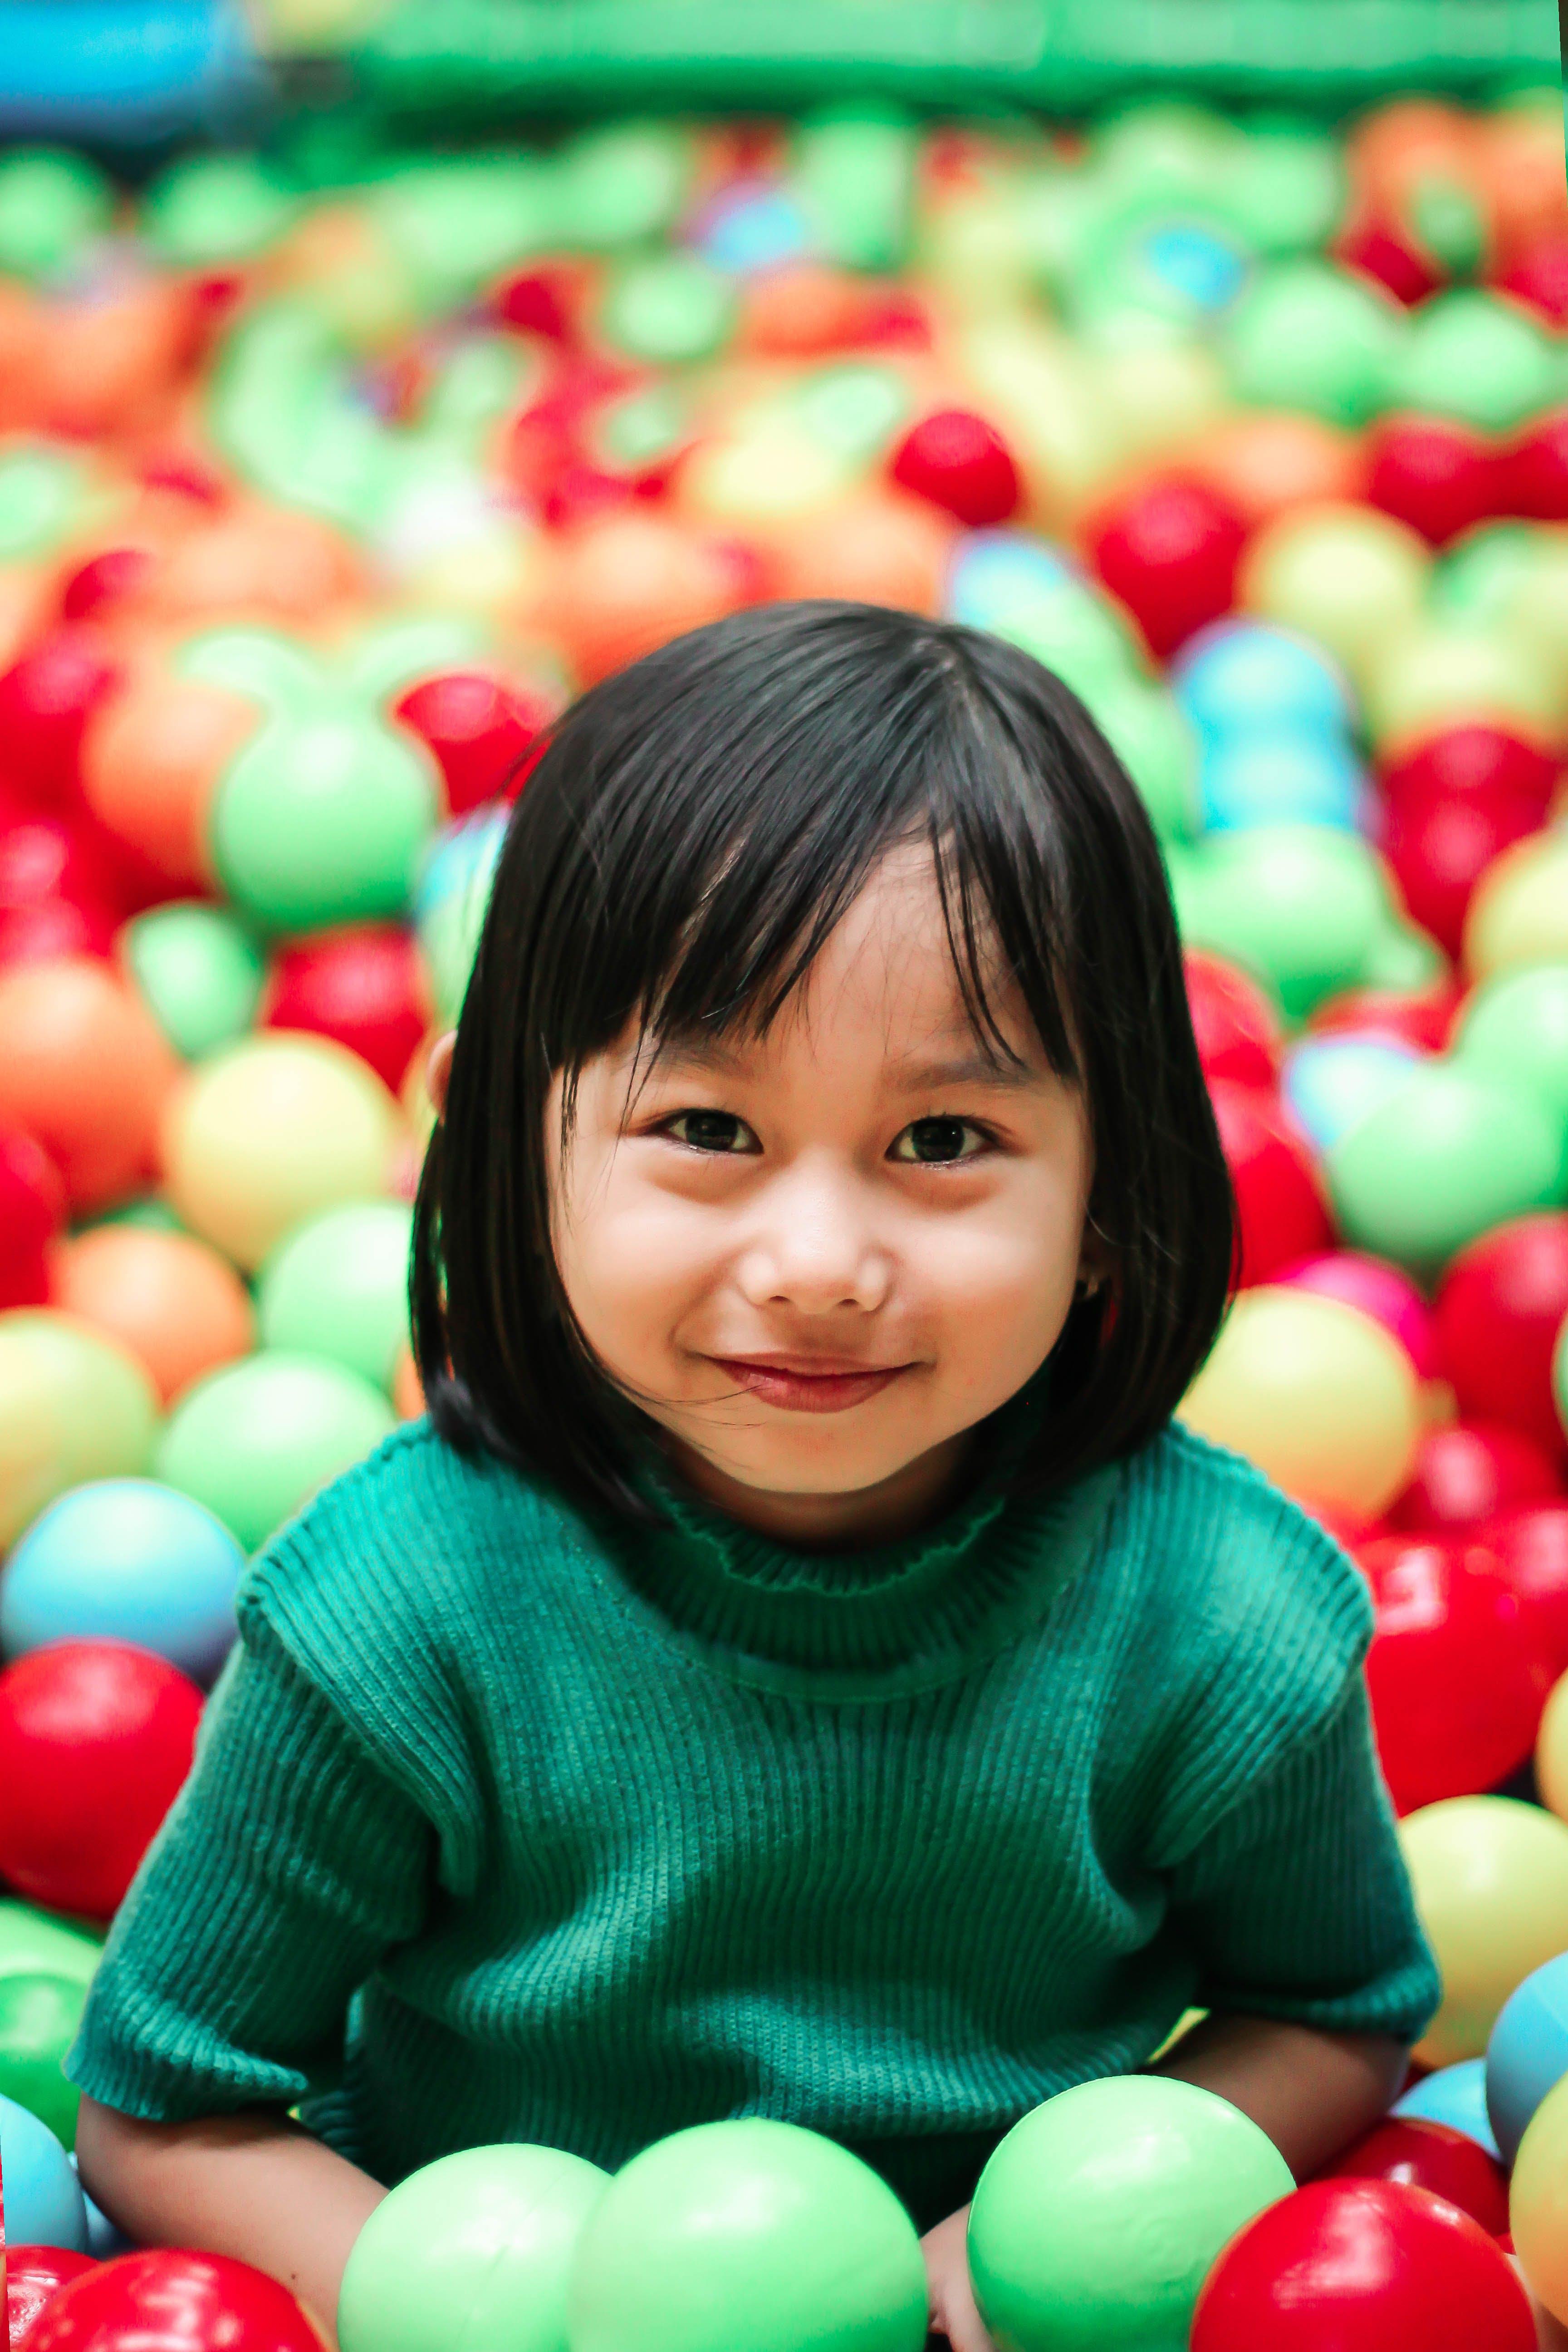 Girl Wearing Green Knit Shirt